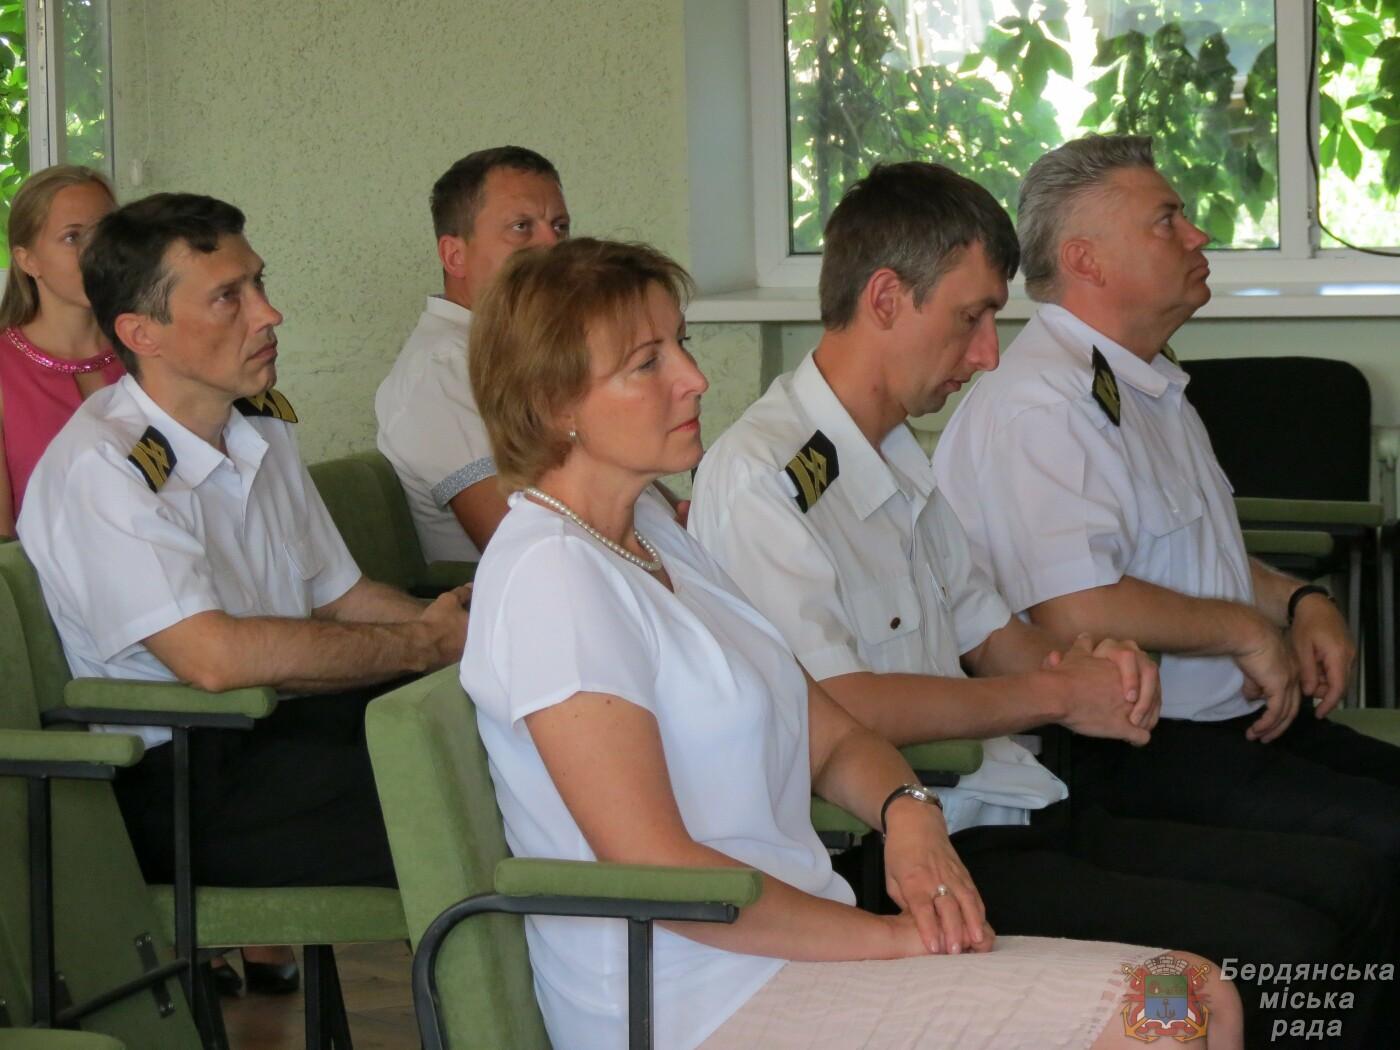 Работники Бердянского порта отмечают свой профессиональный праздник и 190 лет предприятию, фото-4